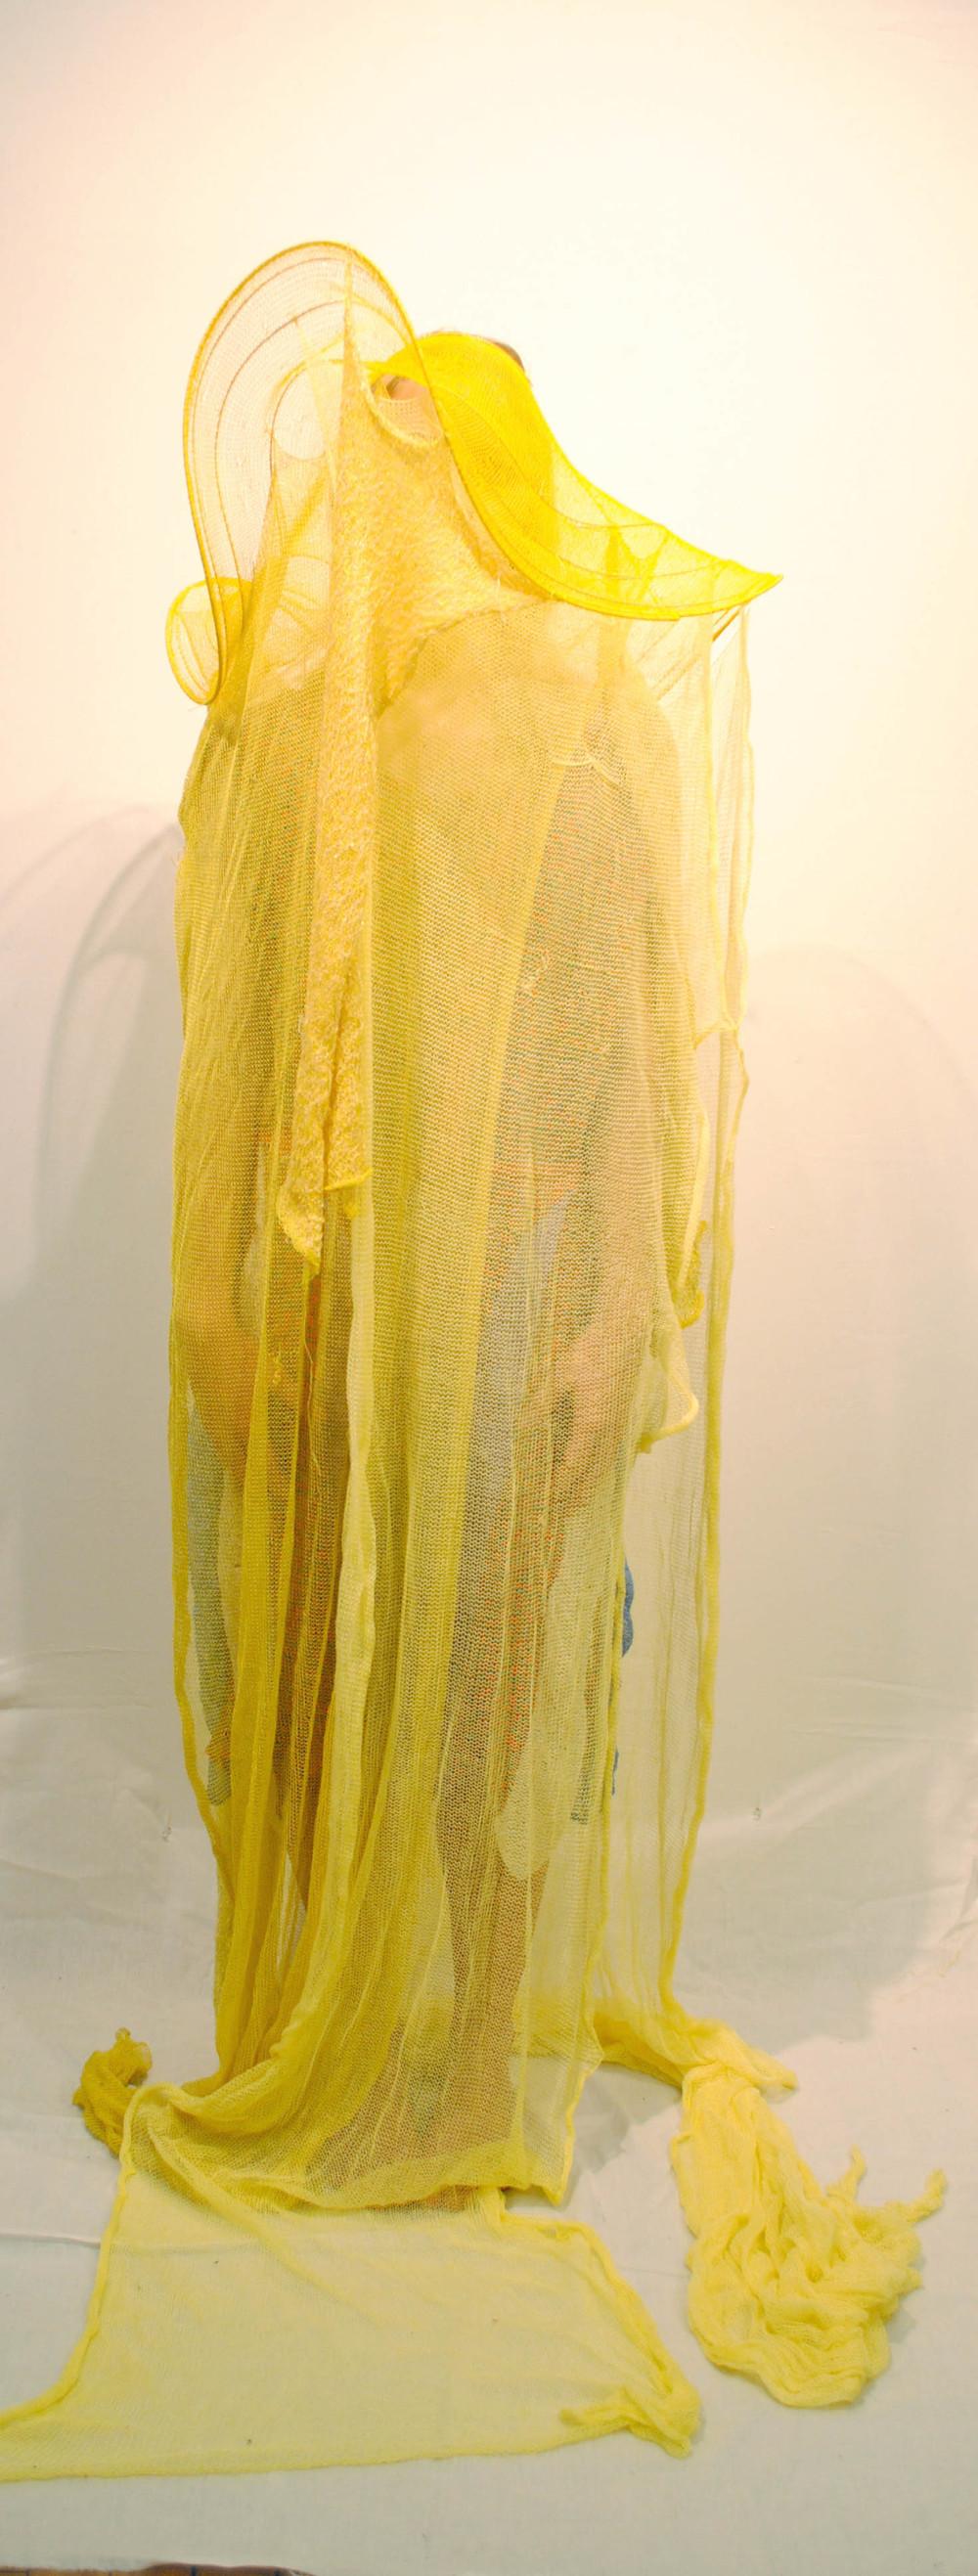 YellowHat1.jpg